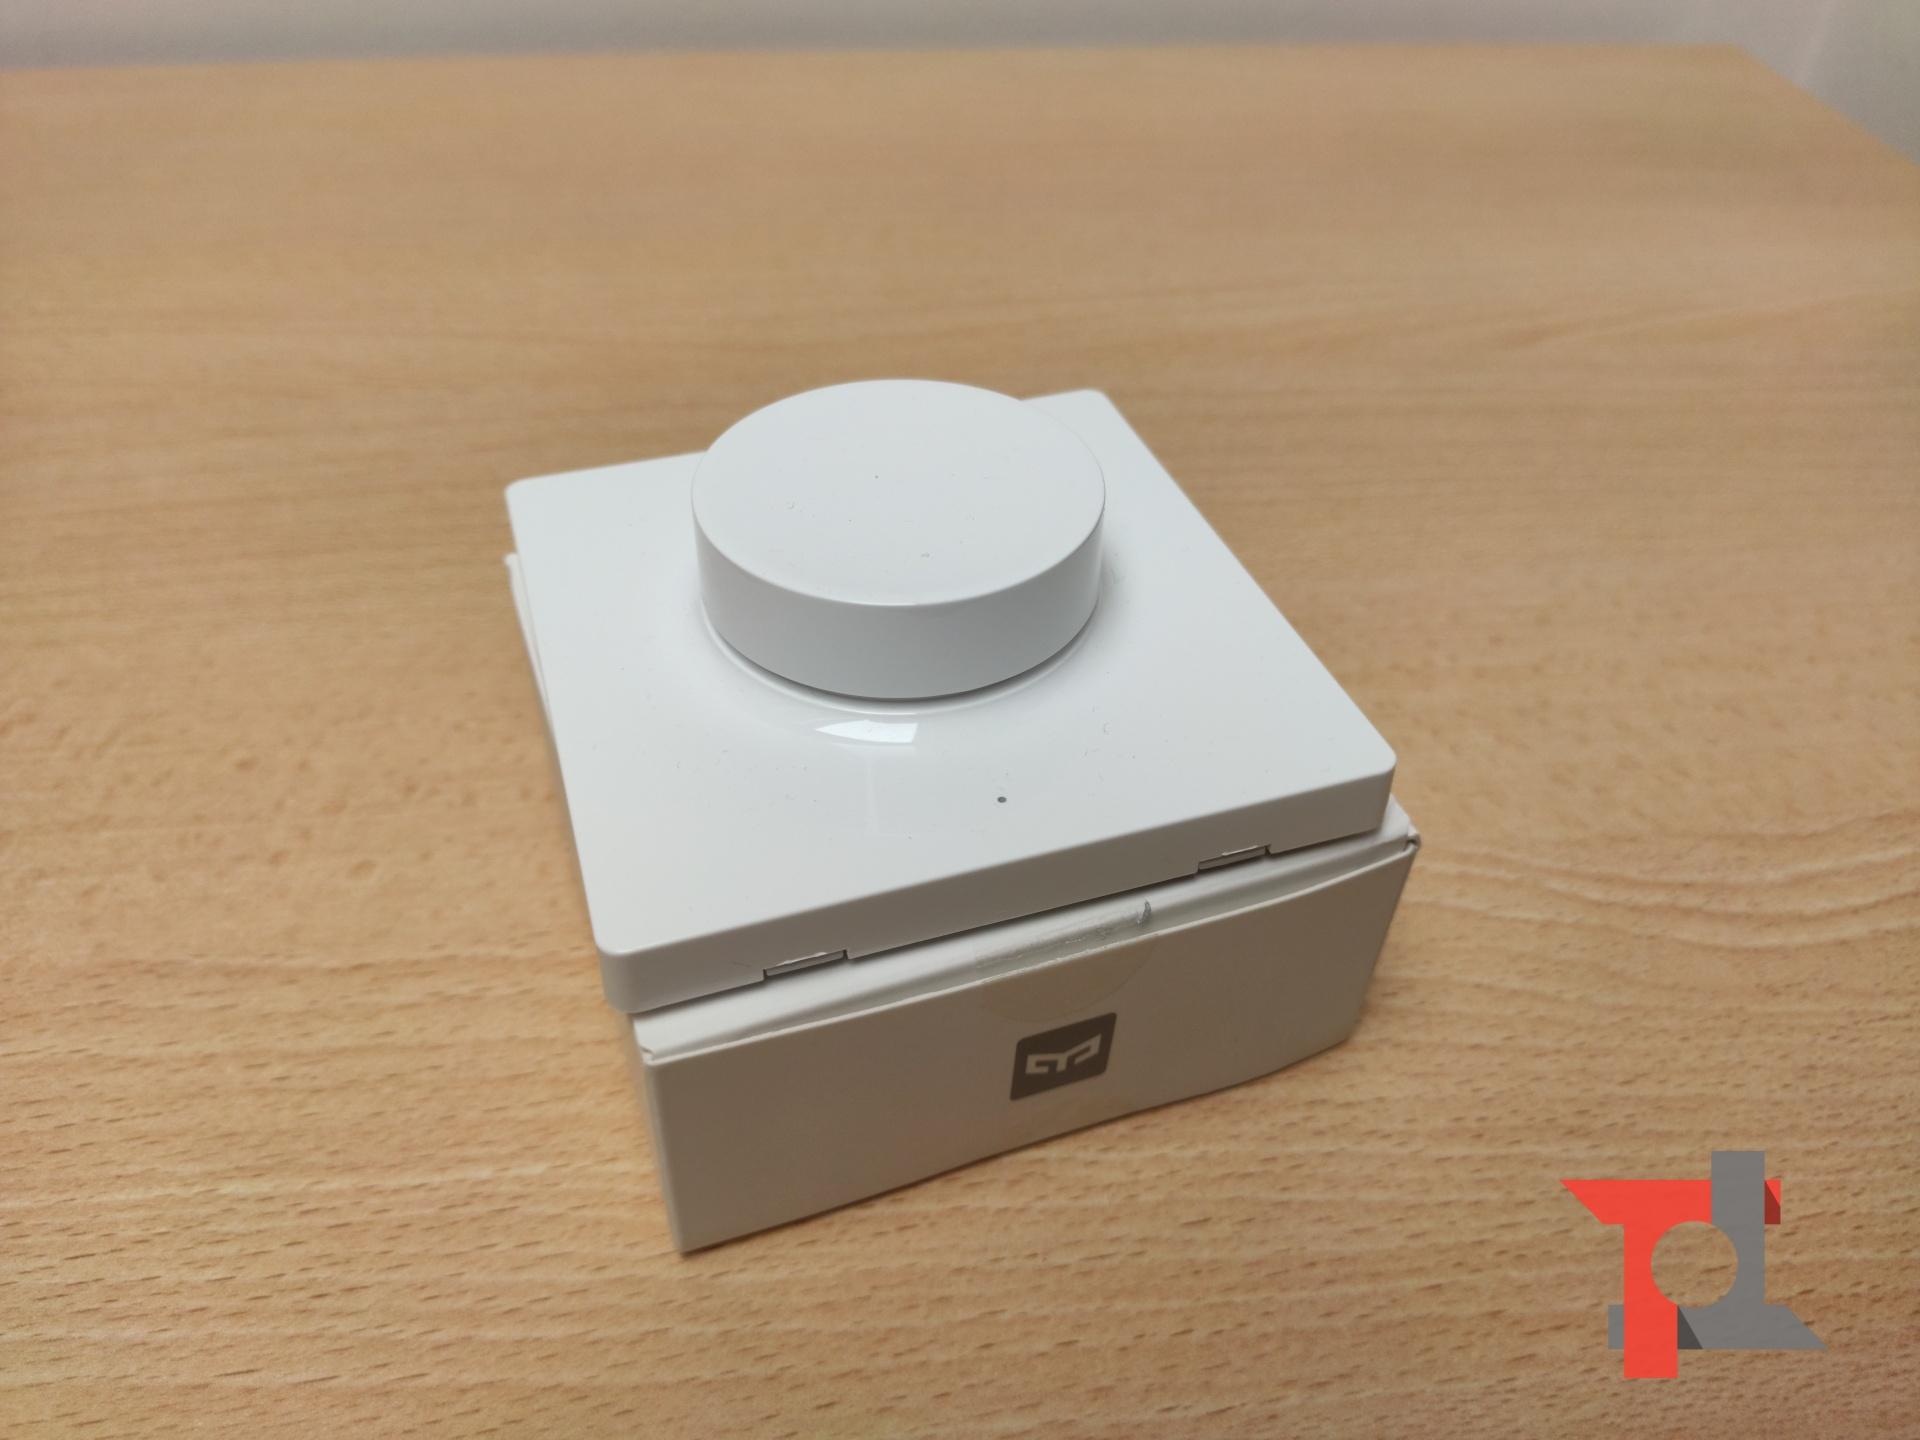 Abbiamo provato quattro gadget che rendono intelligente la vostra casa 7